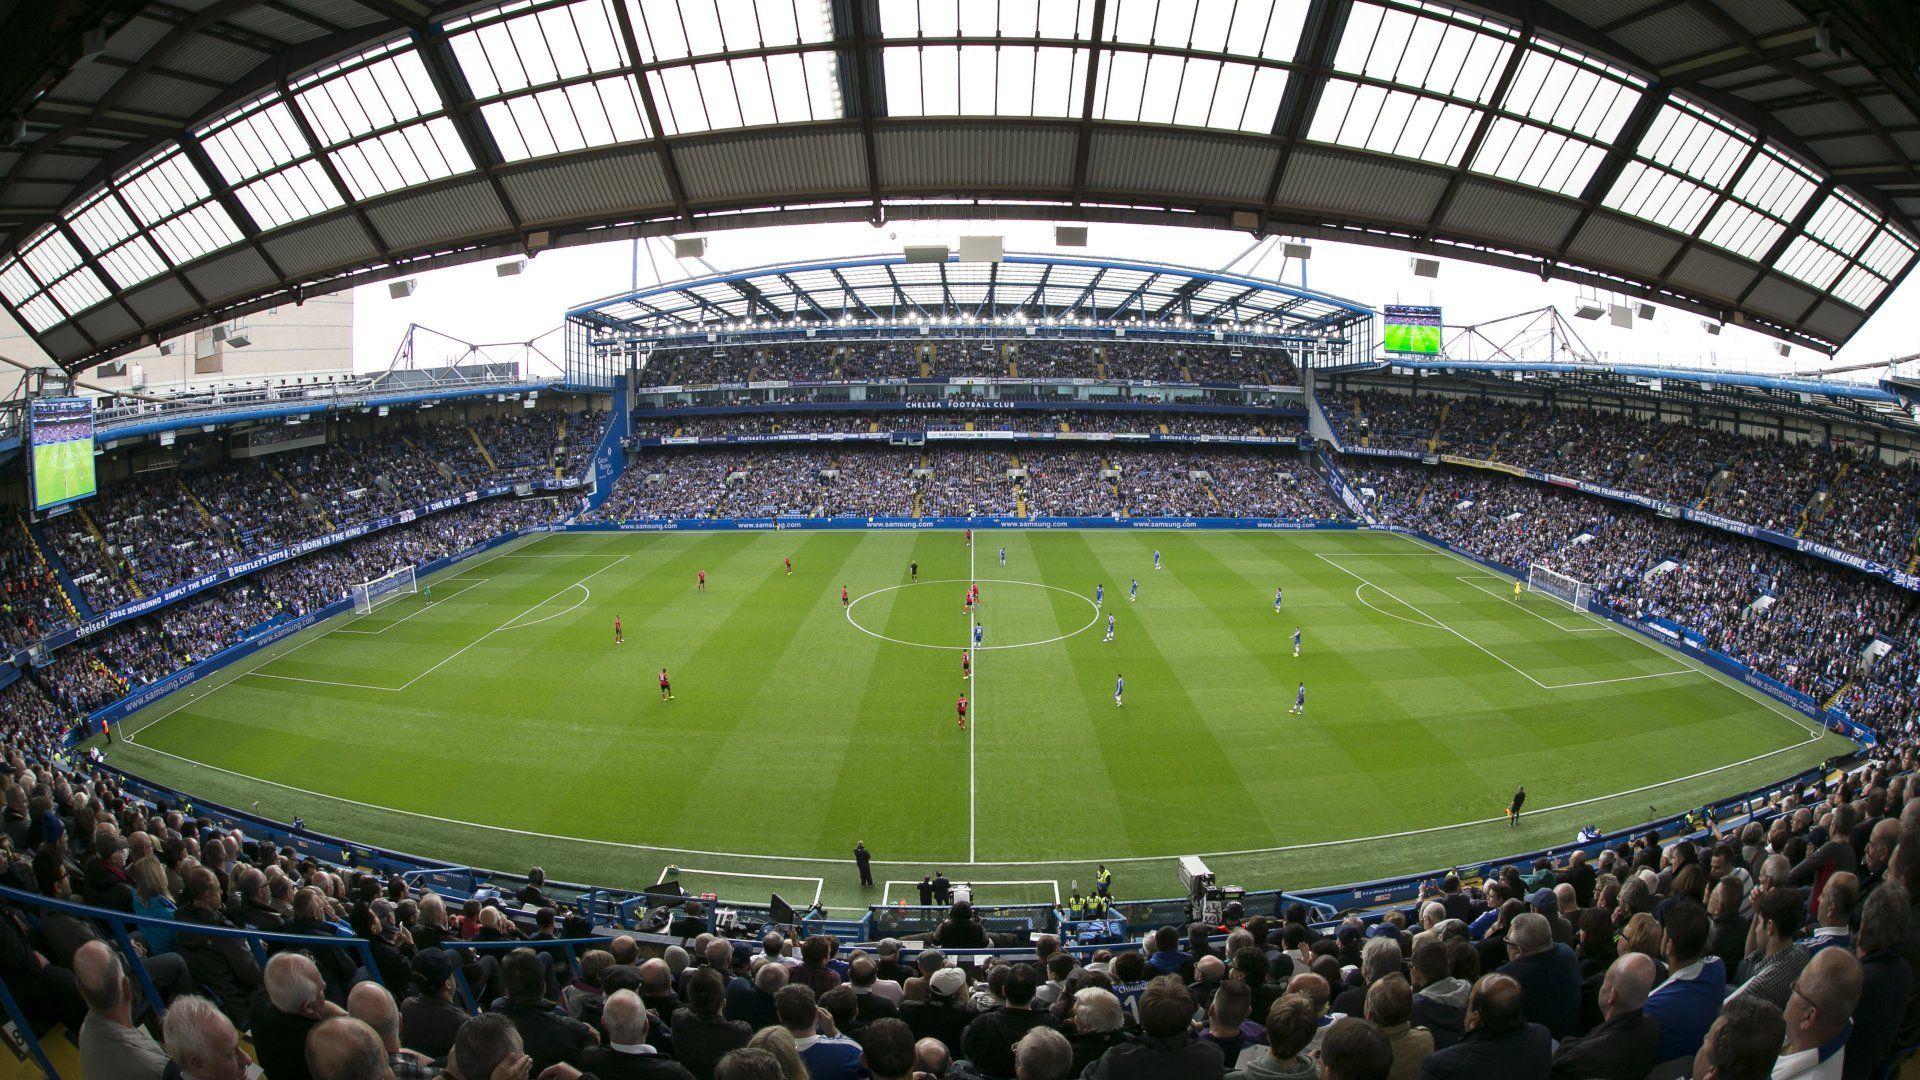 ¿Quién juega en Stamford Bridge?